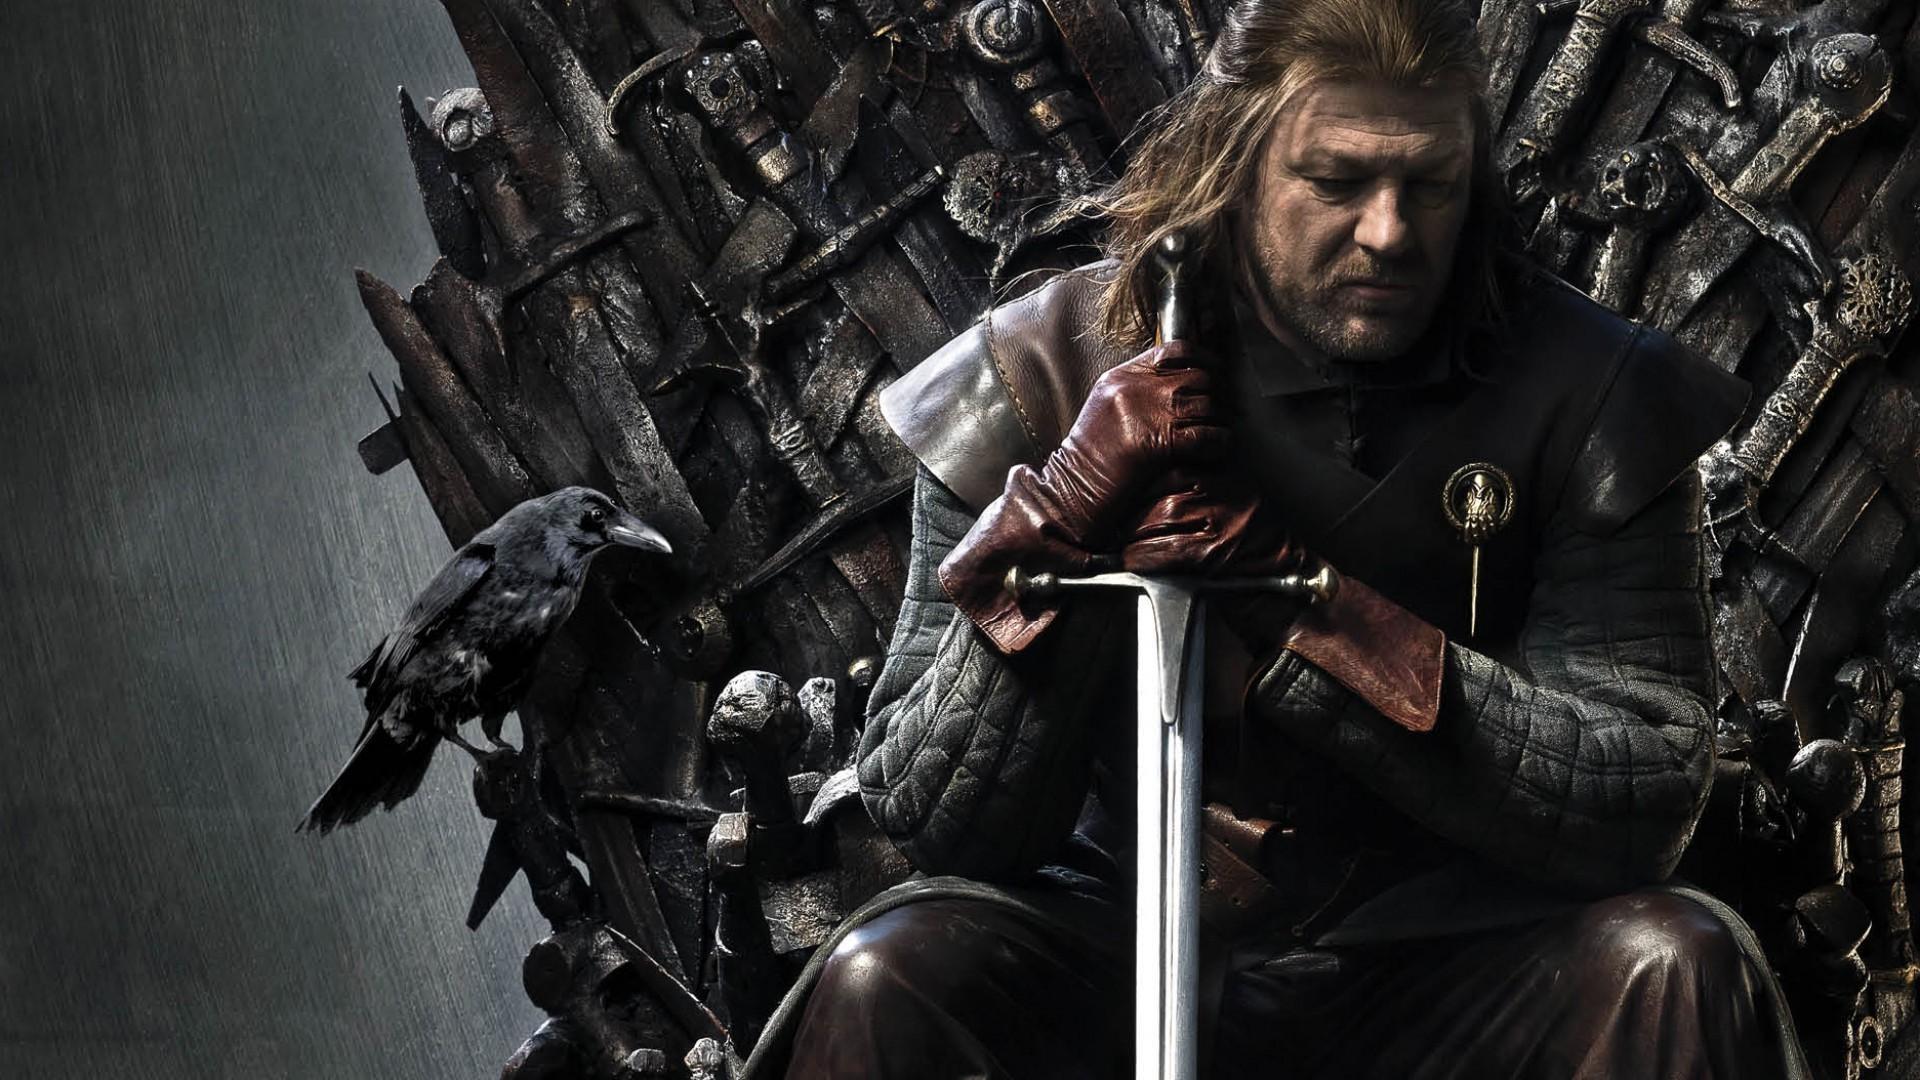 Wallpaper Game Of Thrones House Stark Ned Stark Sean Bean Iron